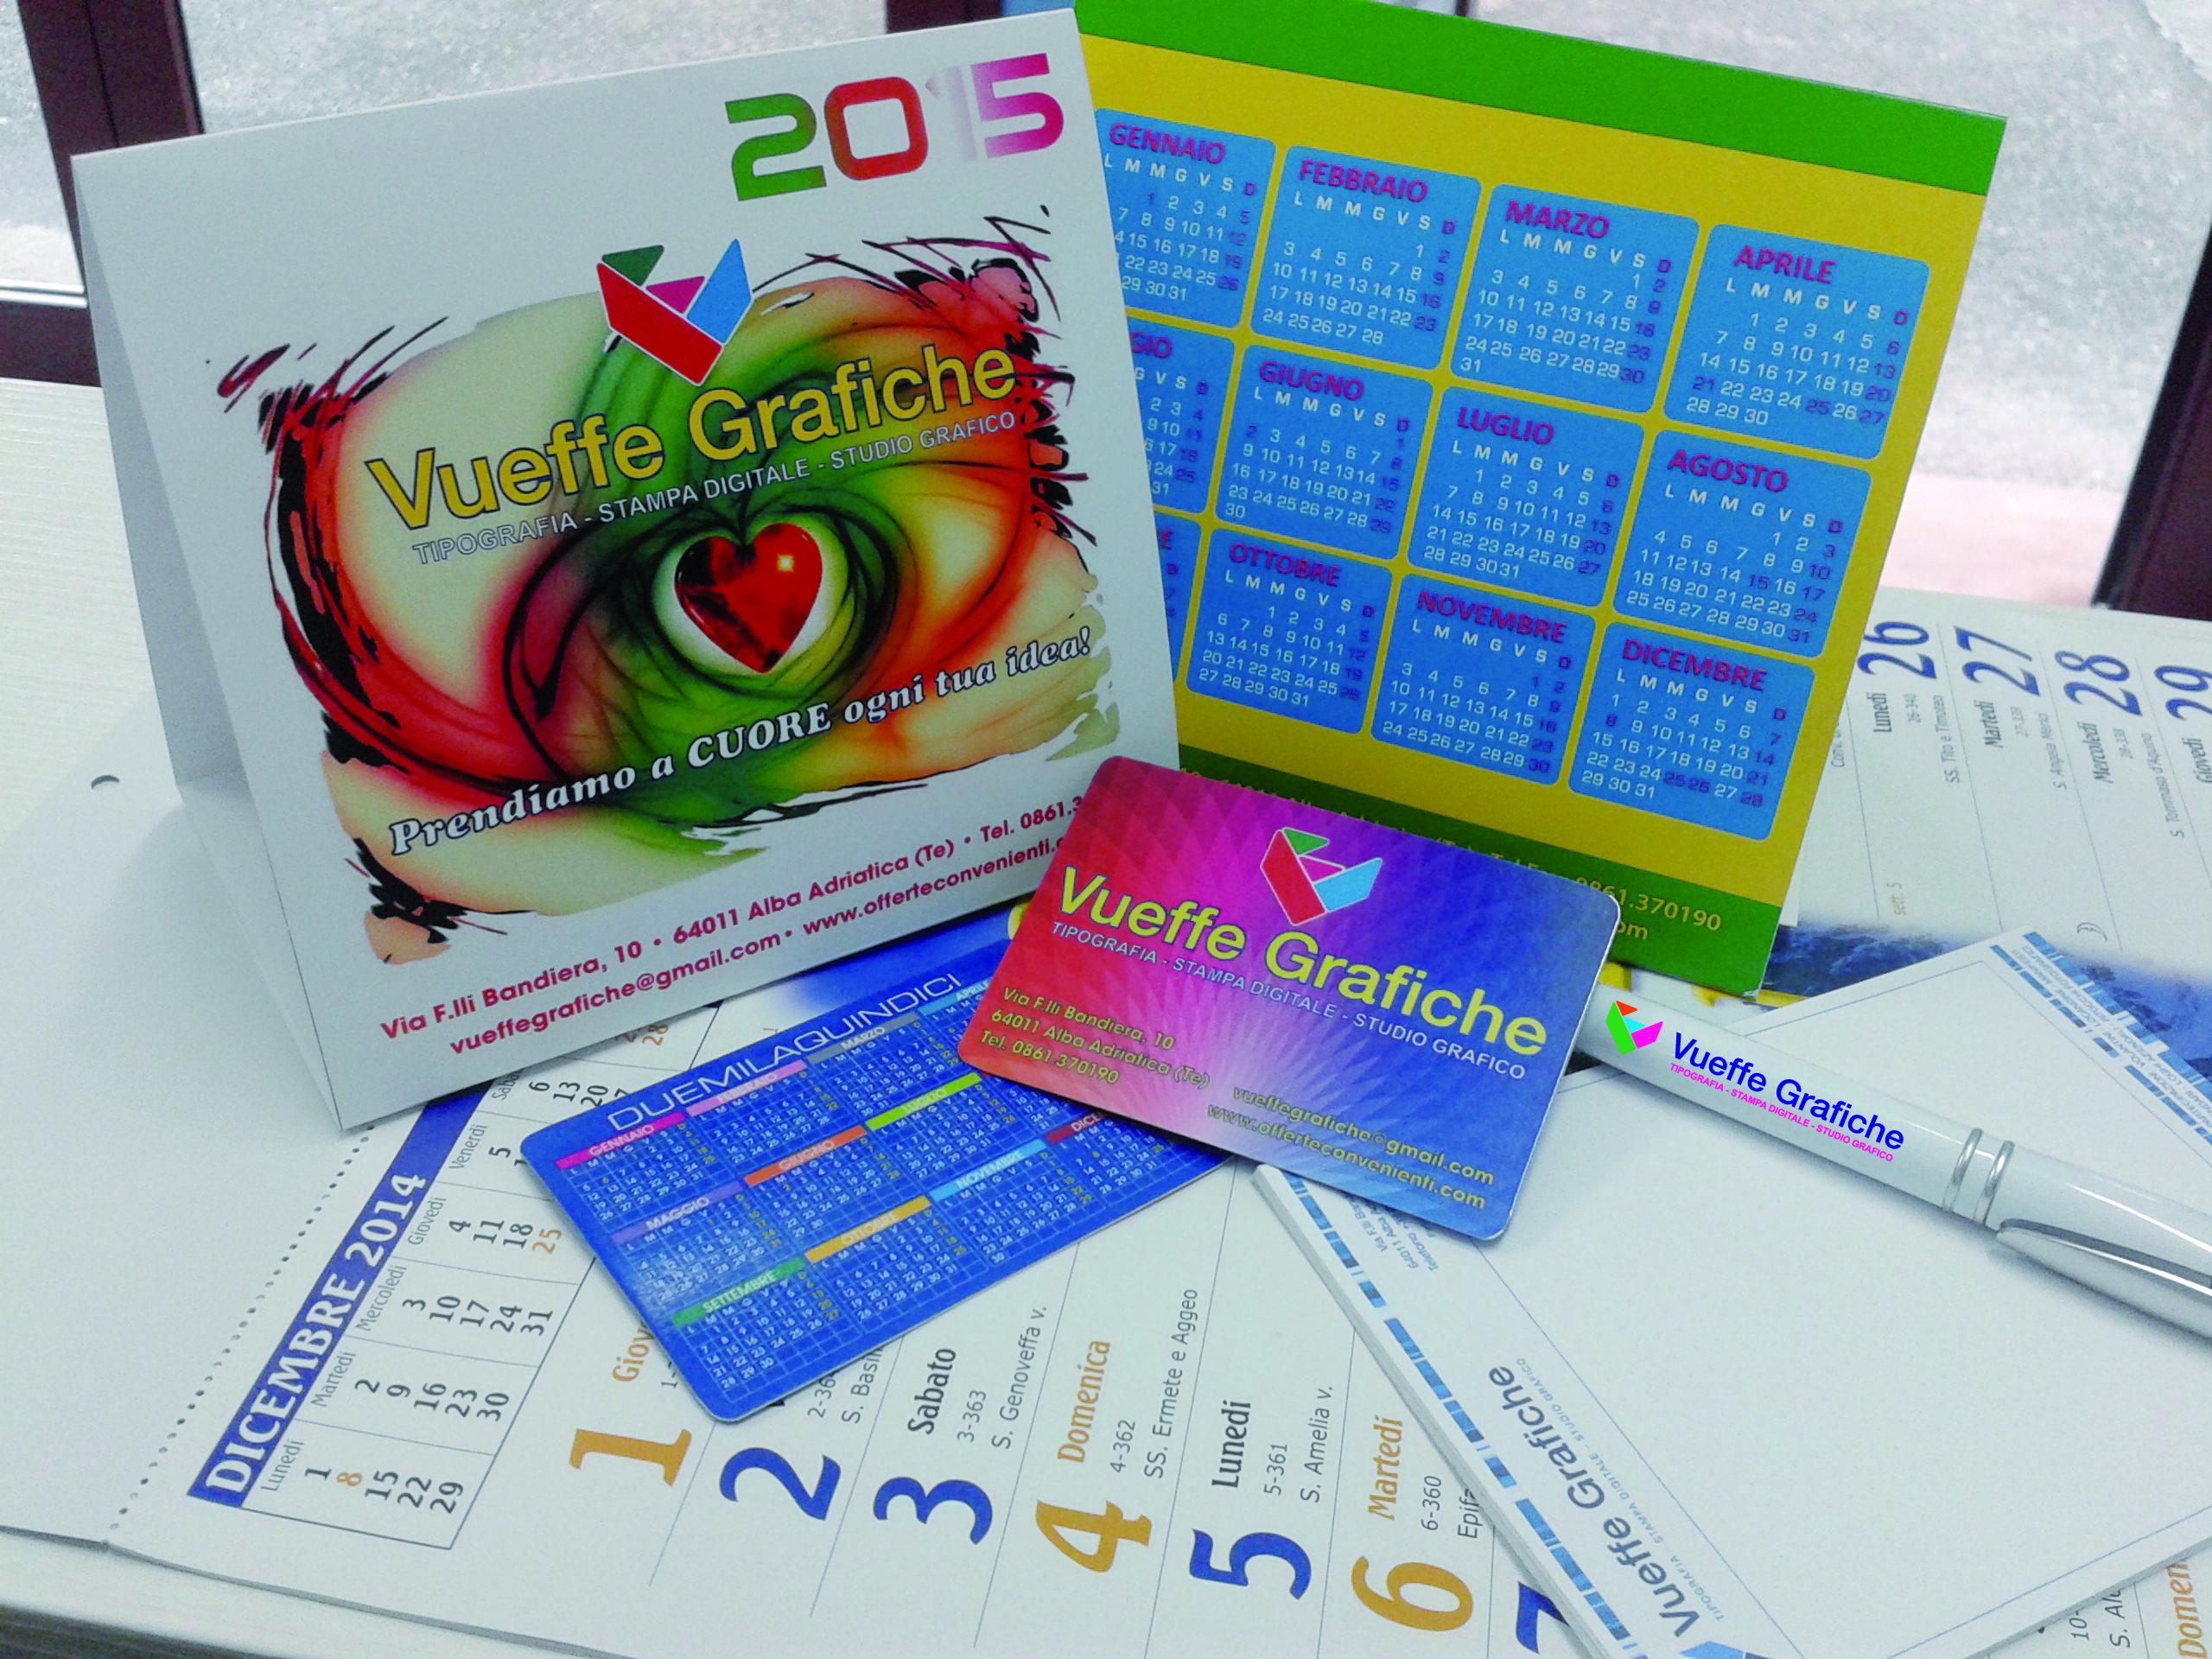 Vueffe grafiche tipografia calendari personalizzati for Parati plastificati